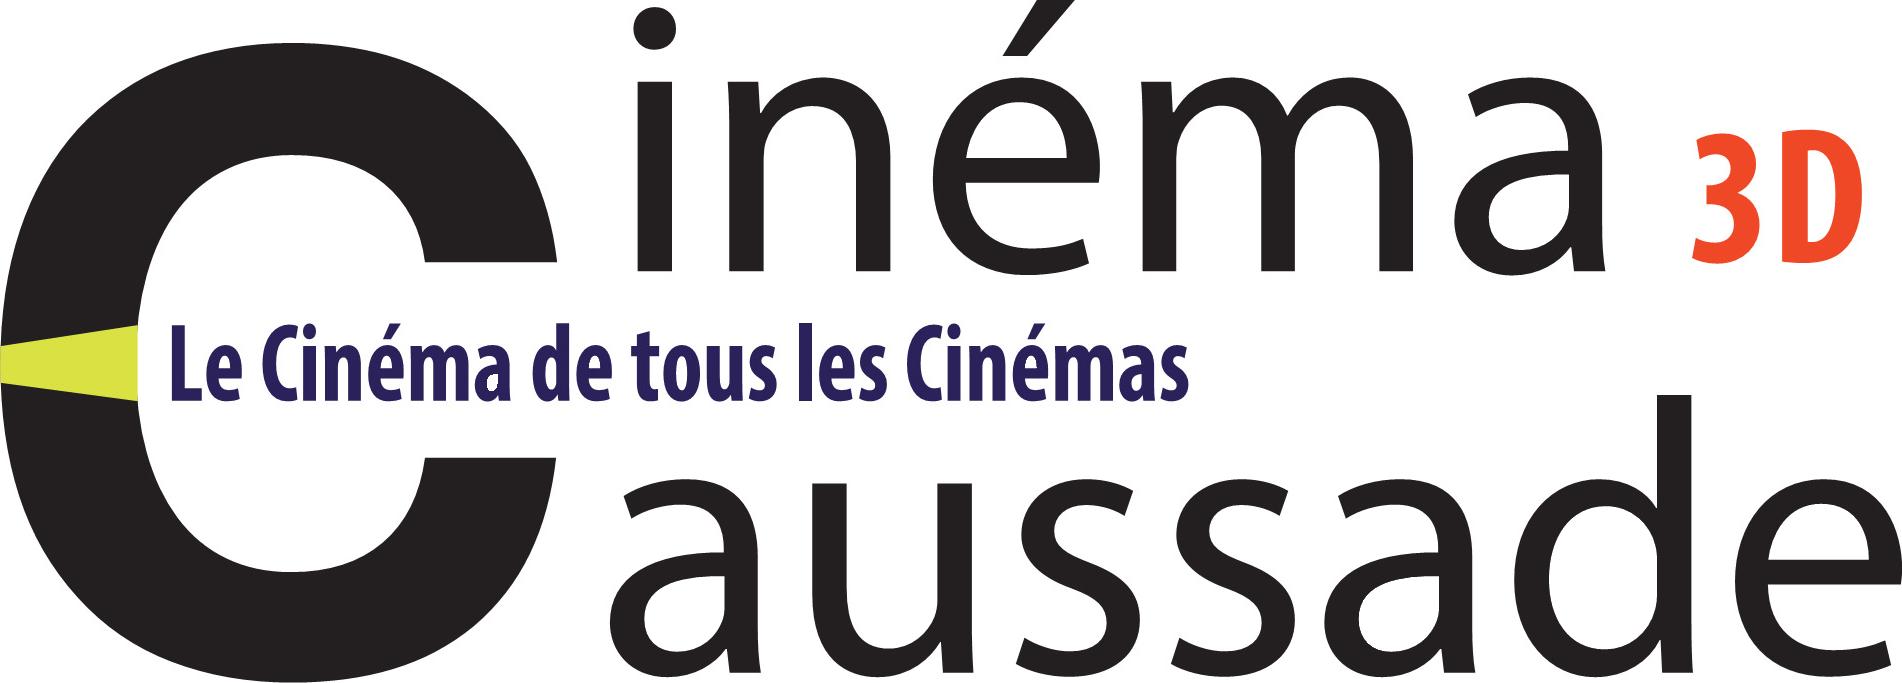 Cinéma Caussade